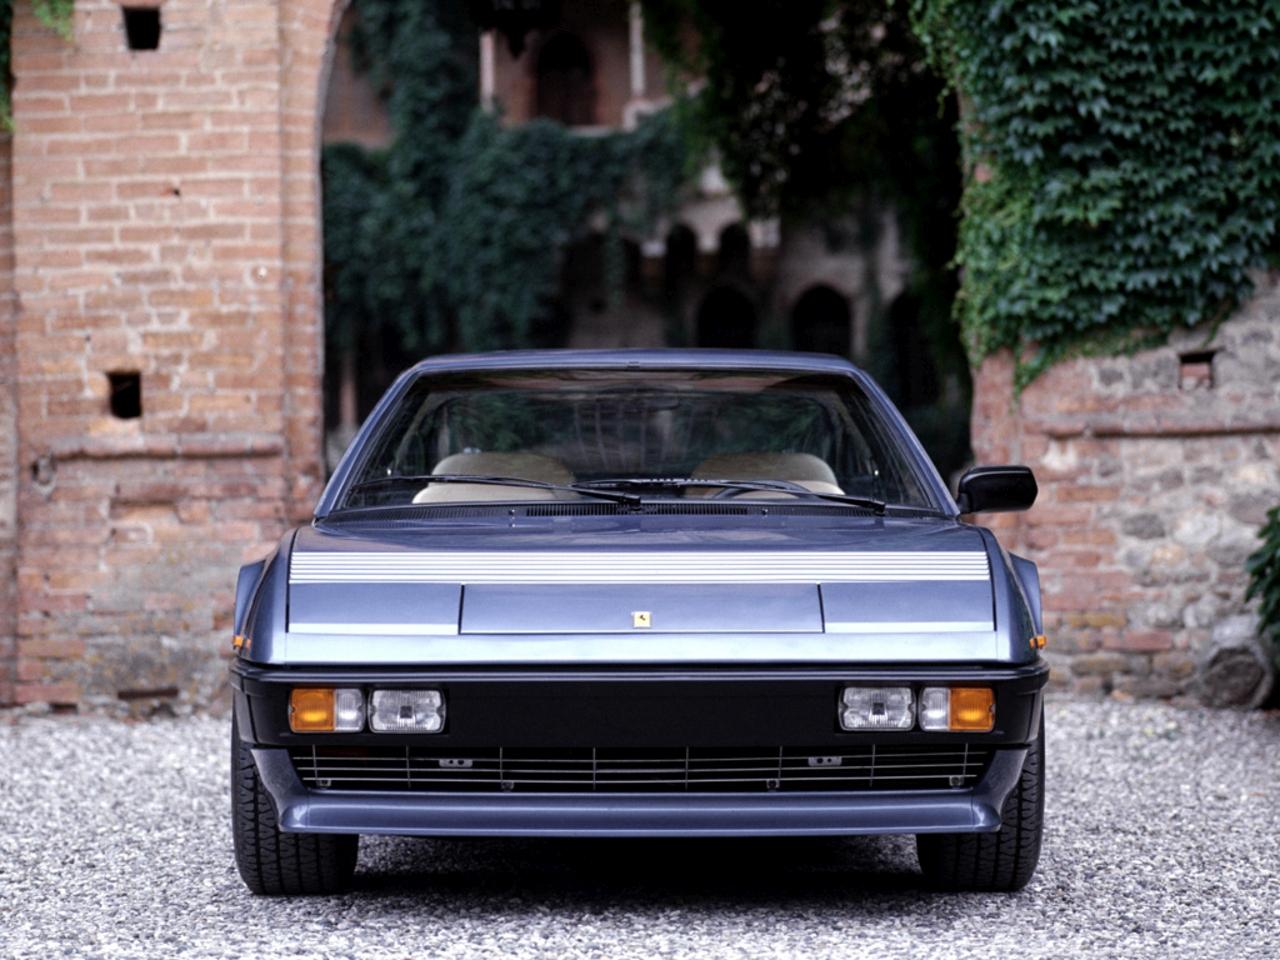 Carros estranhos Stranger Things Ferrari Mondial 8